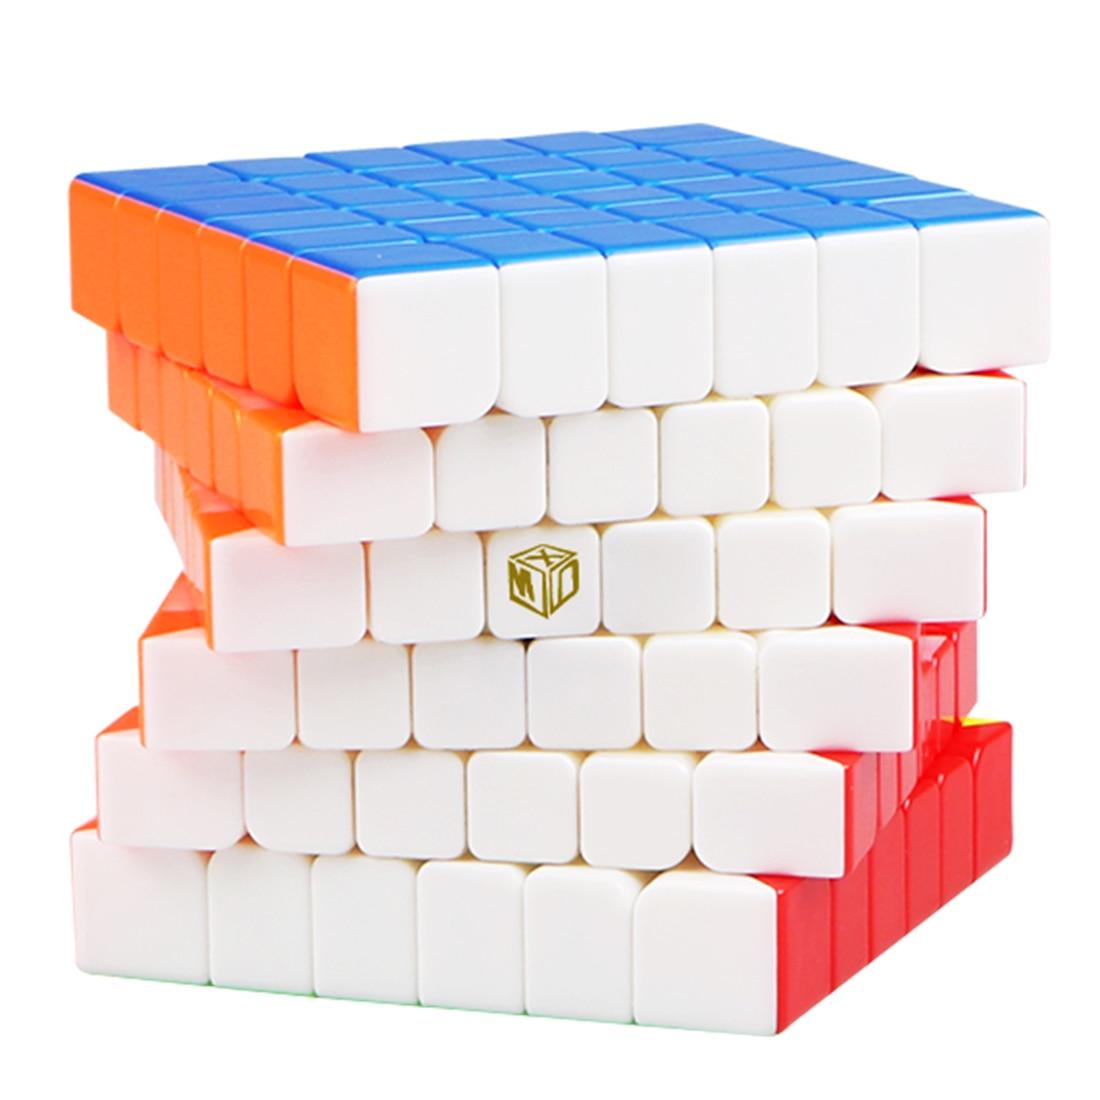 Qiyi Mofangge magnétique Type 6x6 ombre Cube magique Puzzle jouet pour la formation du cerveau-coloré